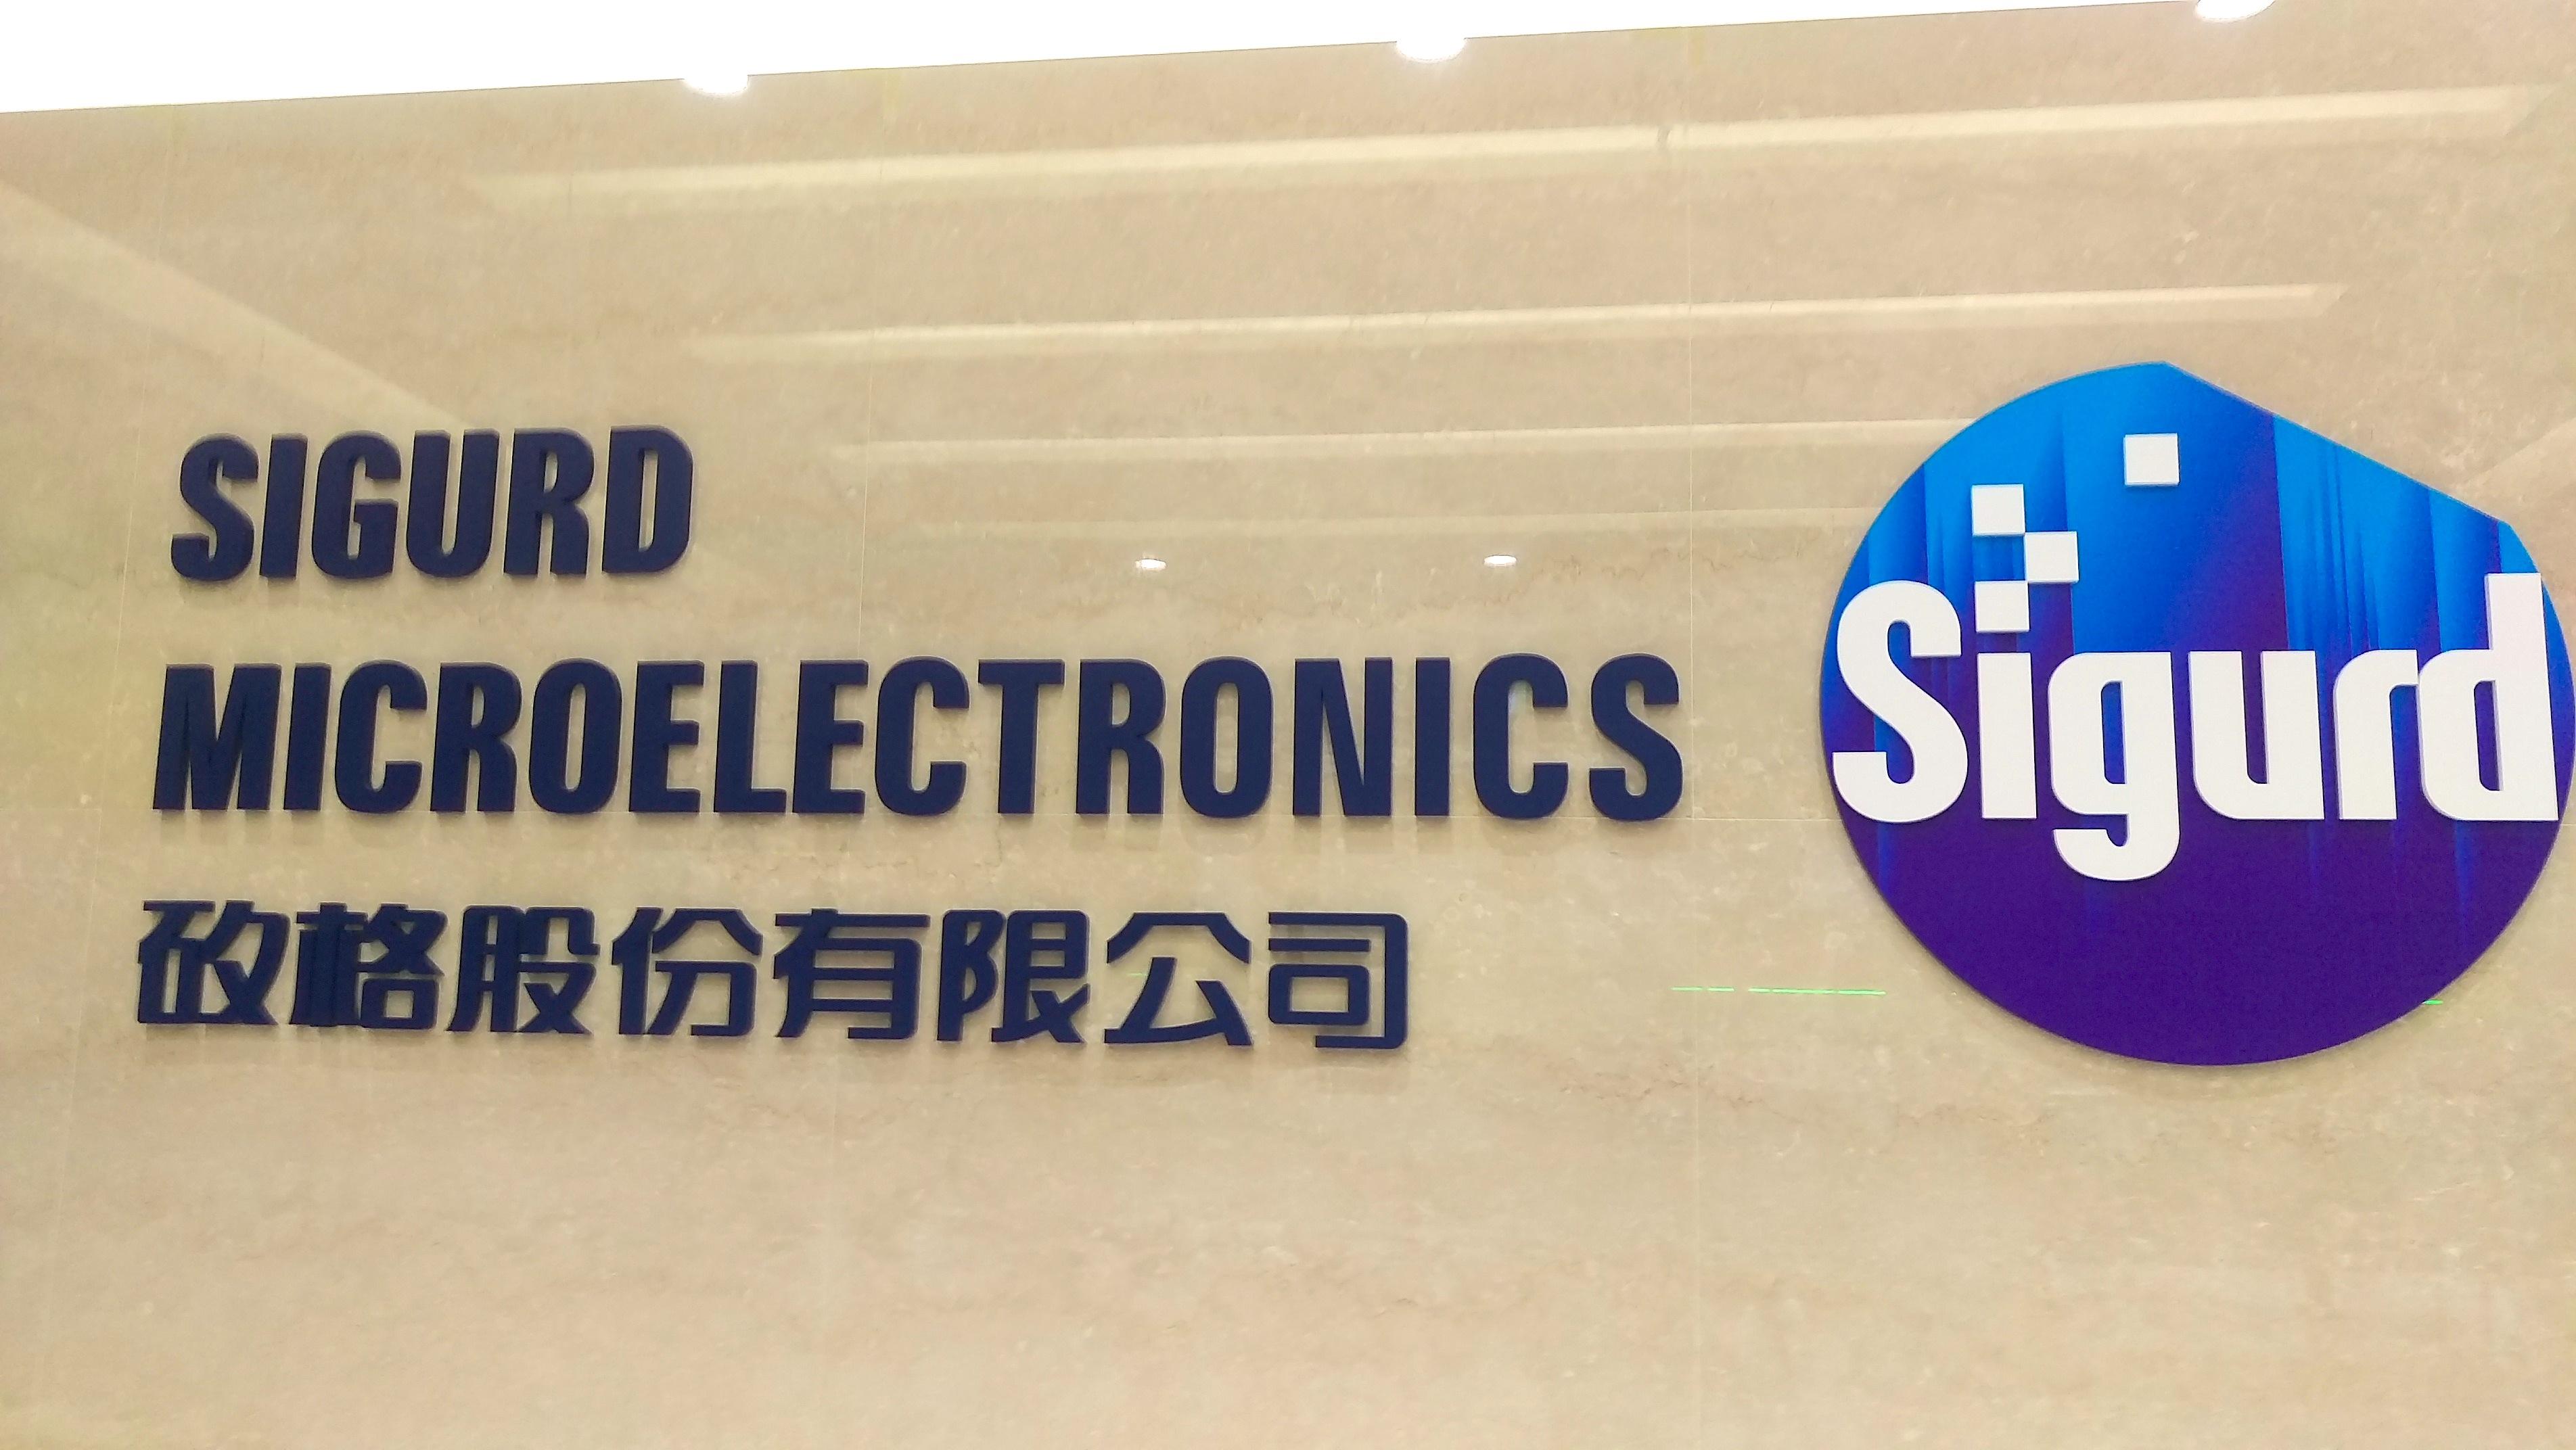 矽格傳獲無線充電 IC 訂單,且通訊成長助 Q3 走旺